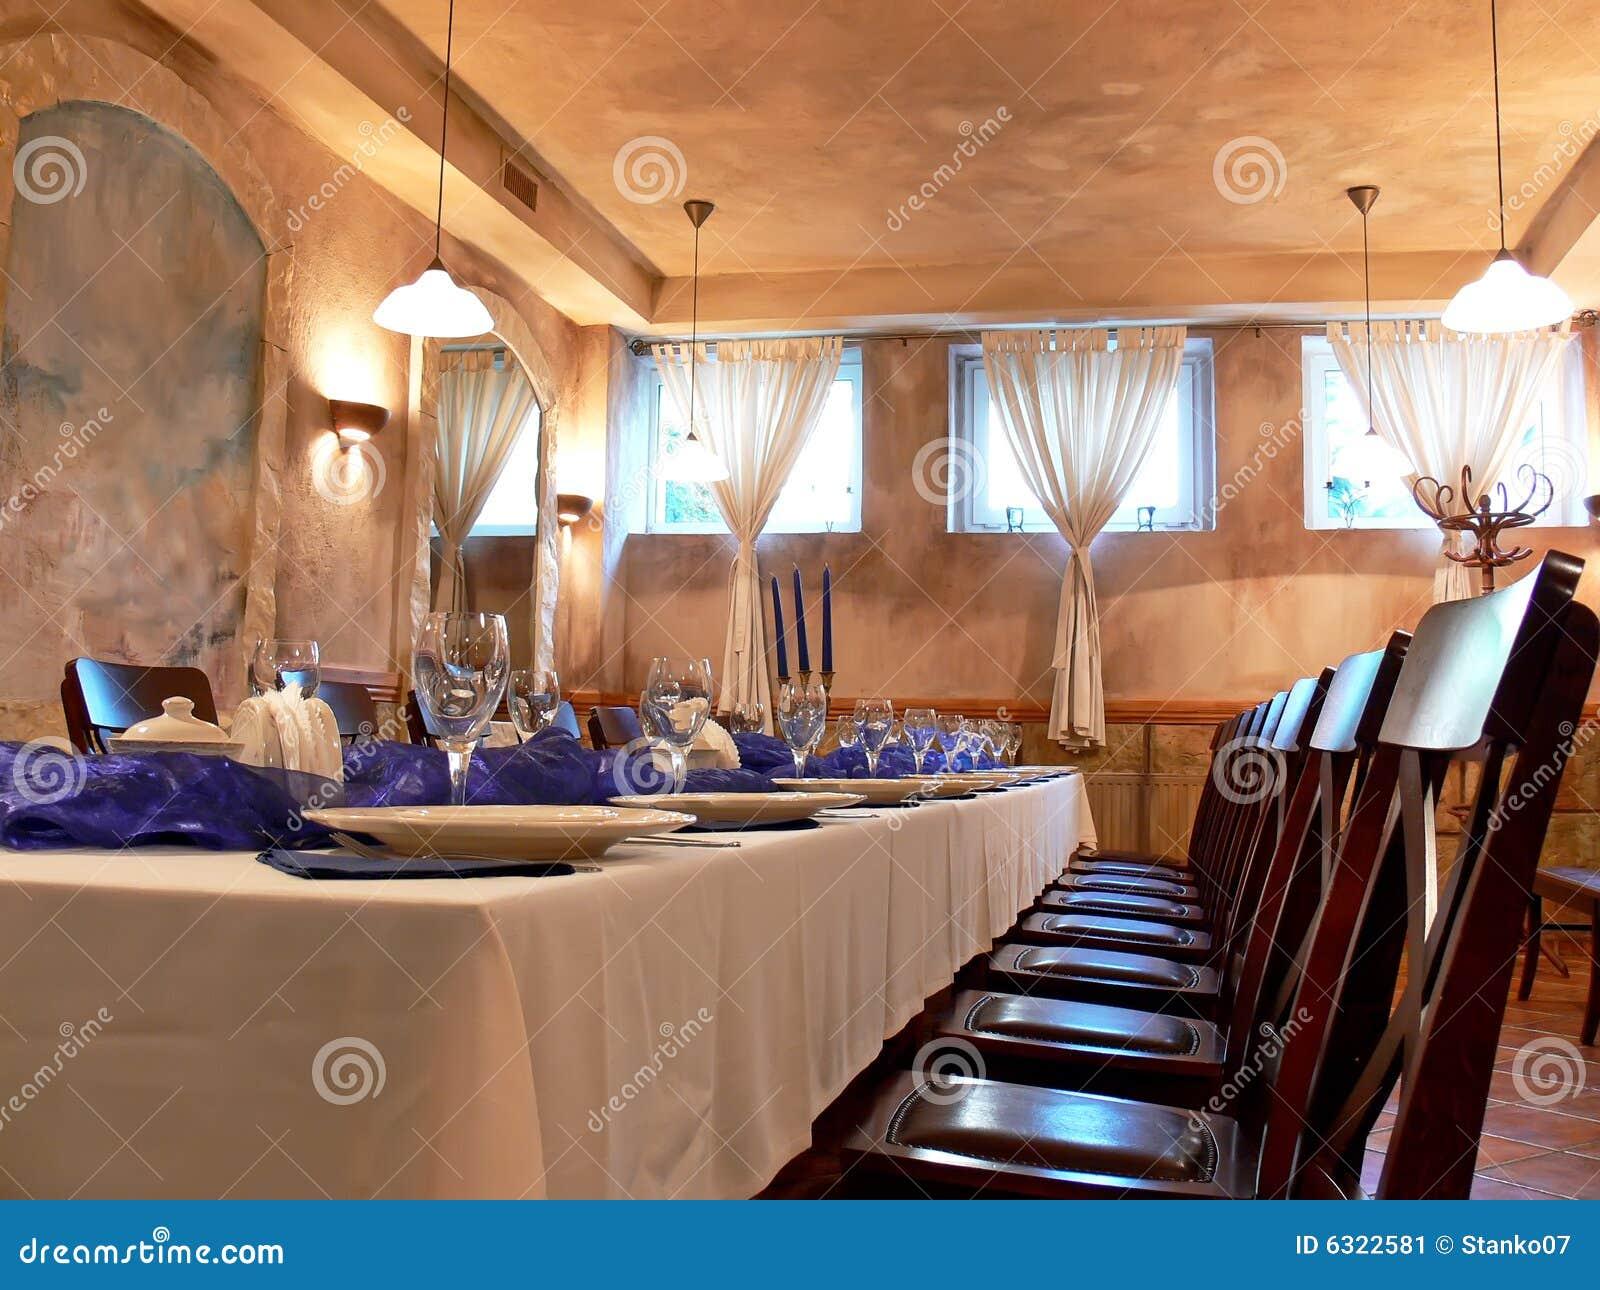 decoracao de sala longa:sala de jantar romântica bonita com cadeiras de madeira, a tabela